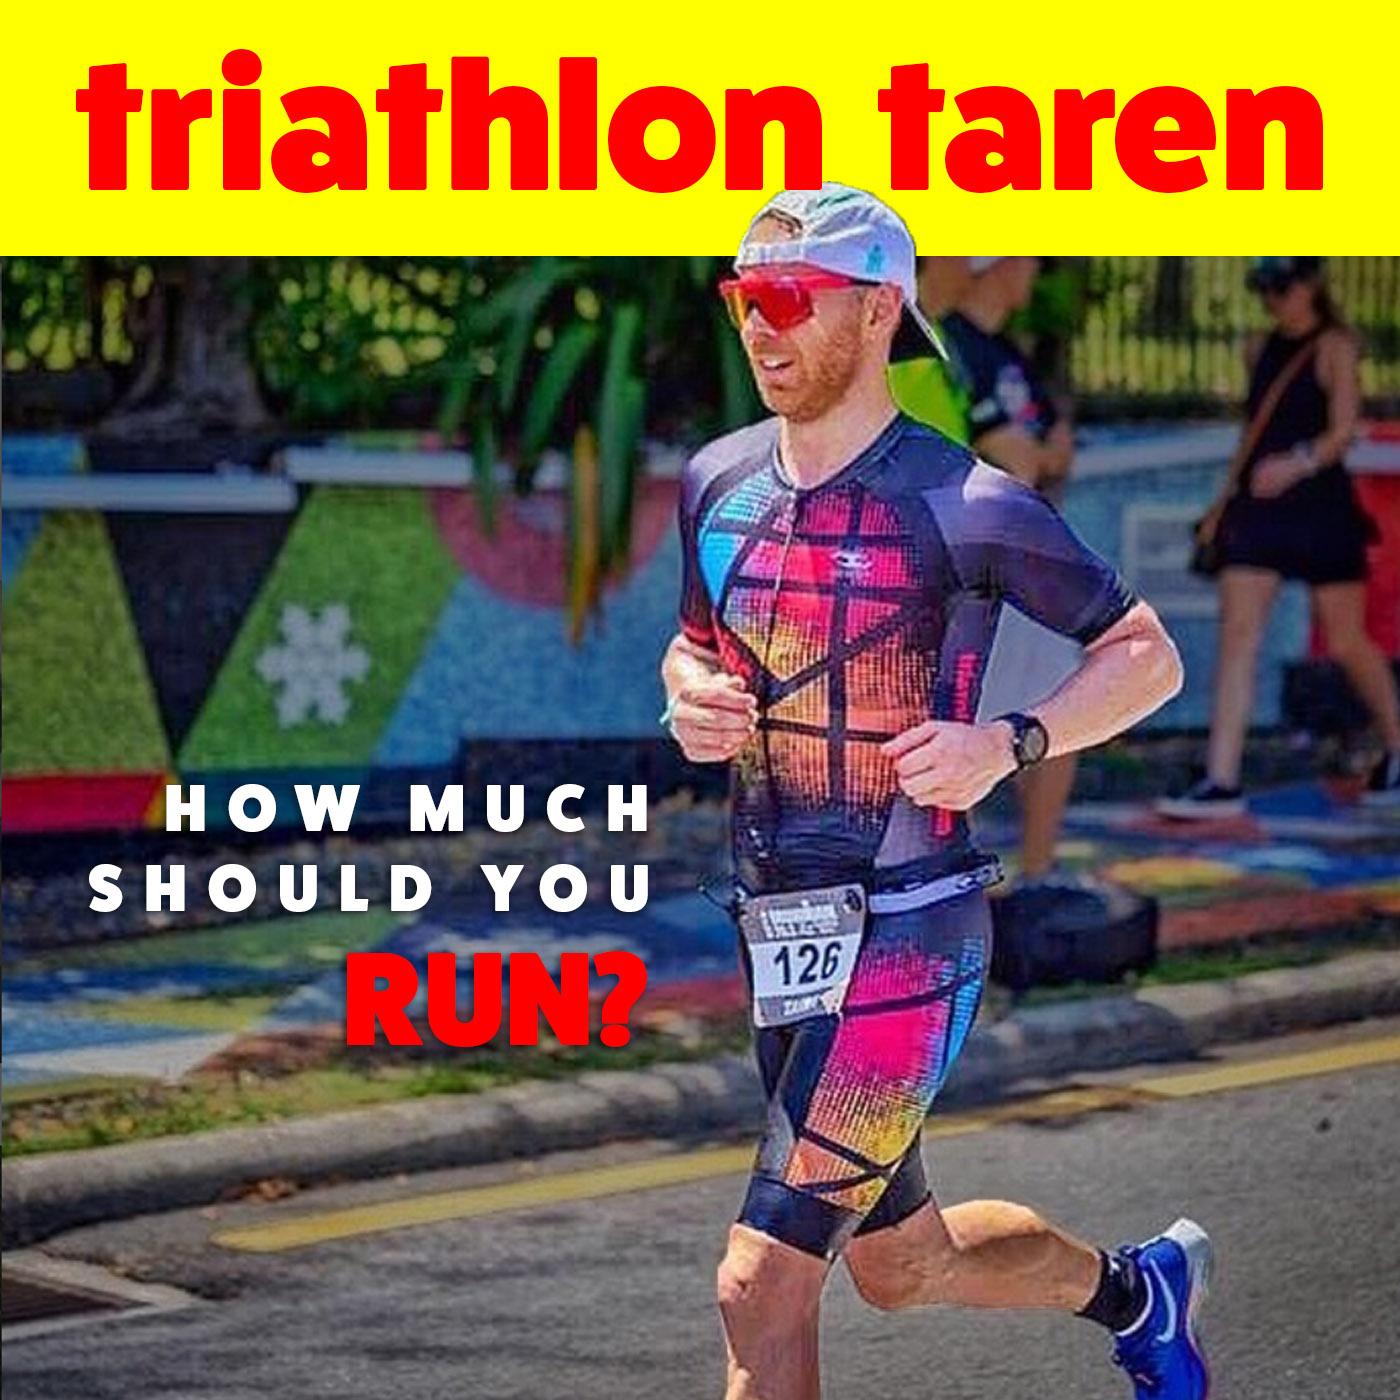 How Much Should You Run in Triathlon Training?